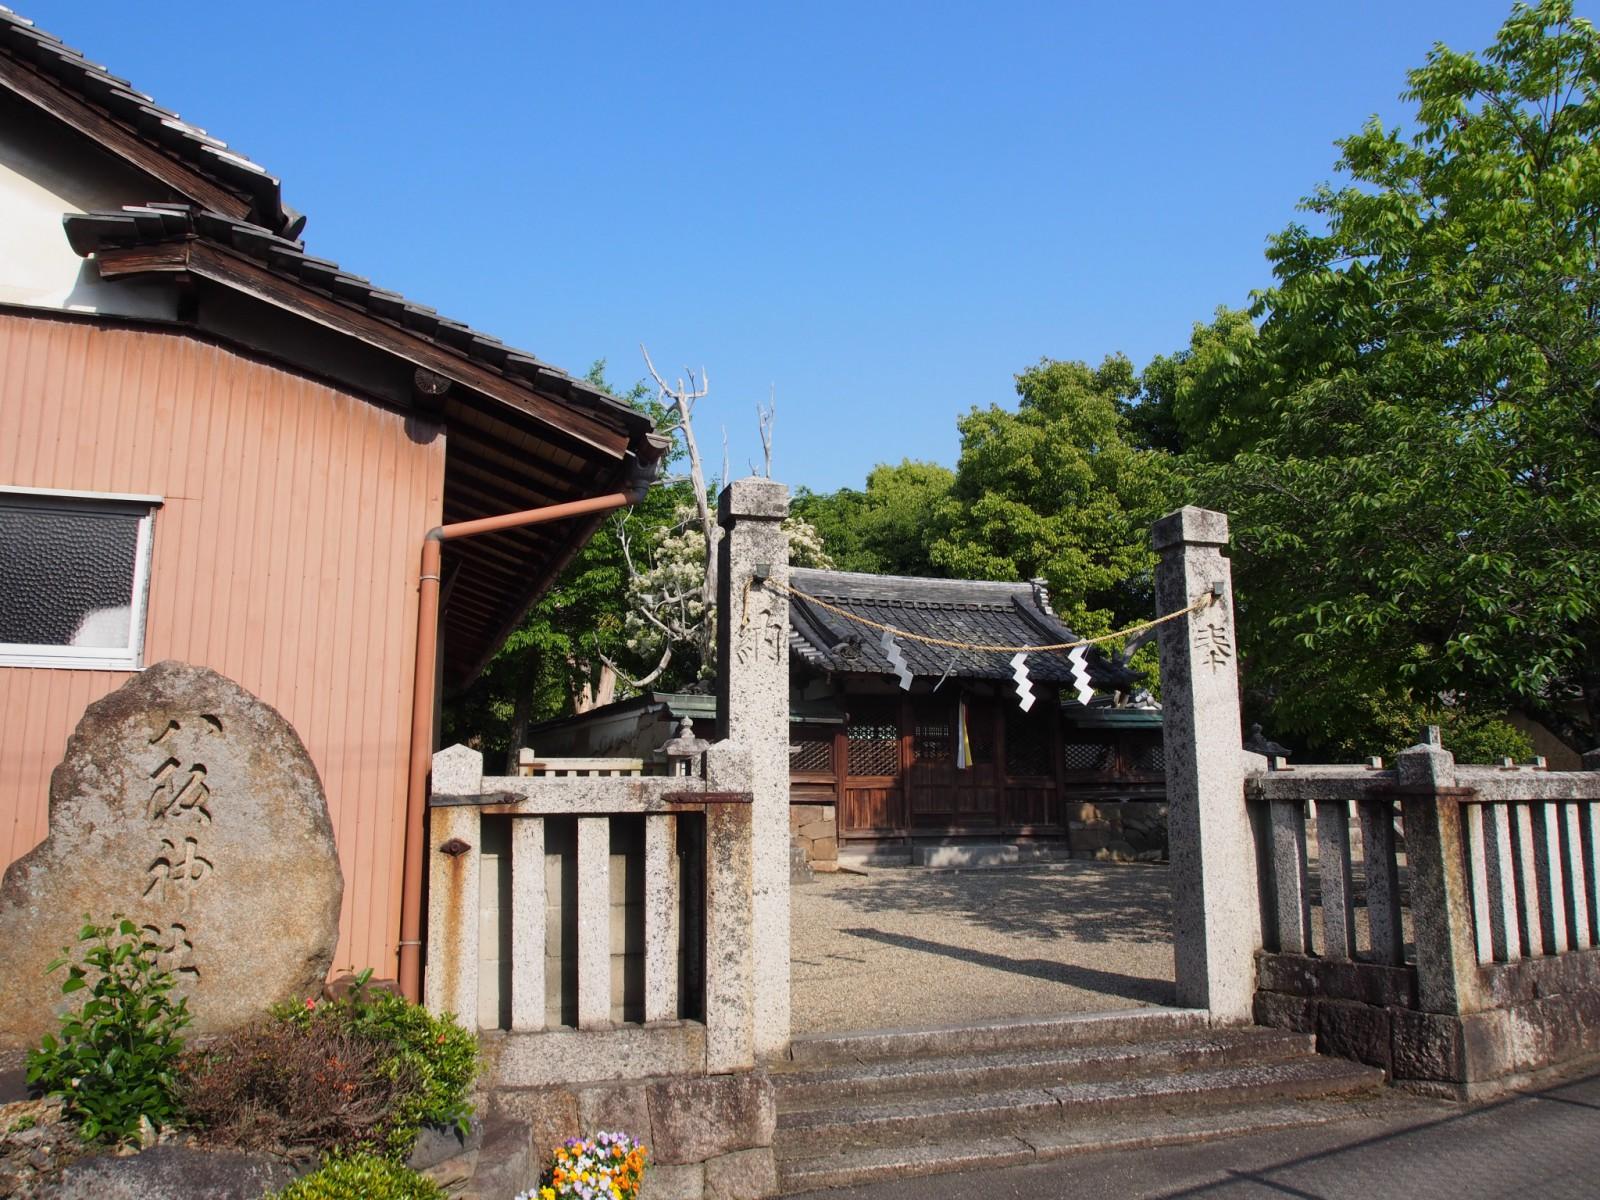 八坂神社(柴屋町)の入り口